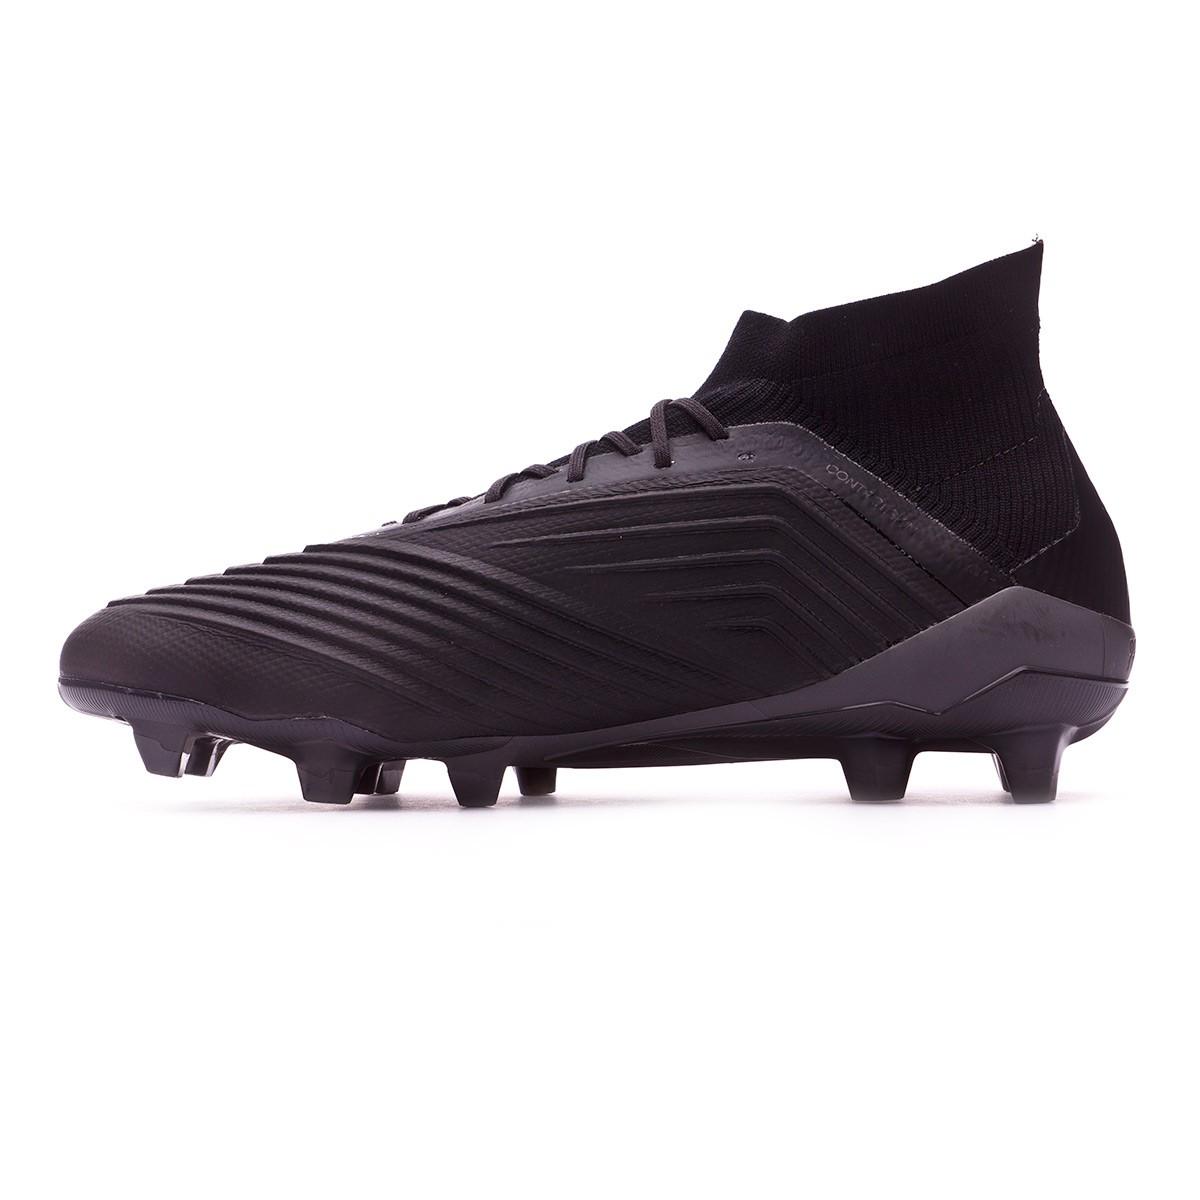 Adidas Predator 18,1 Fg Fotball Klamp - Kjerne Svart / Core Svart / Real Korall